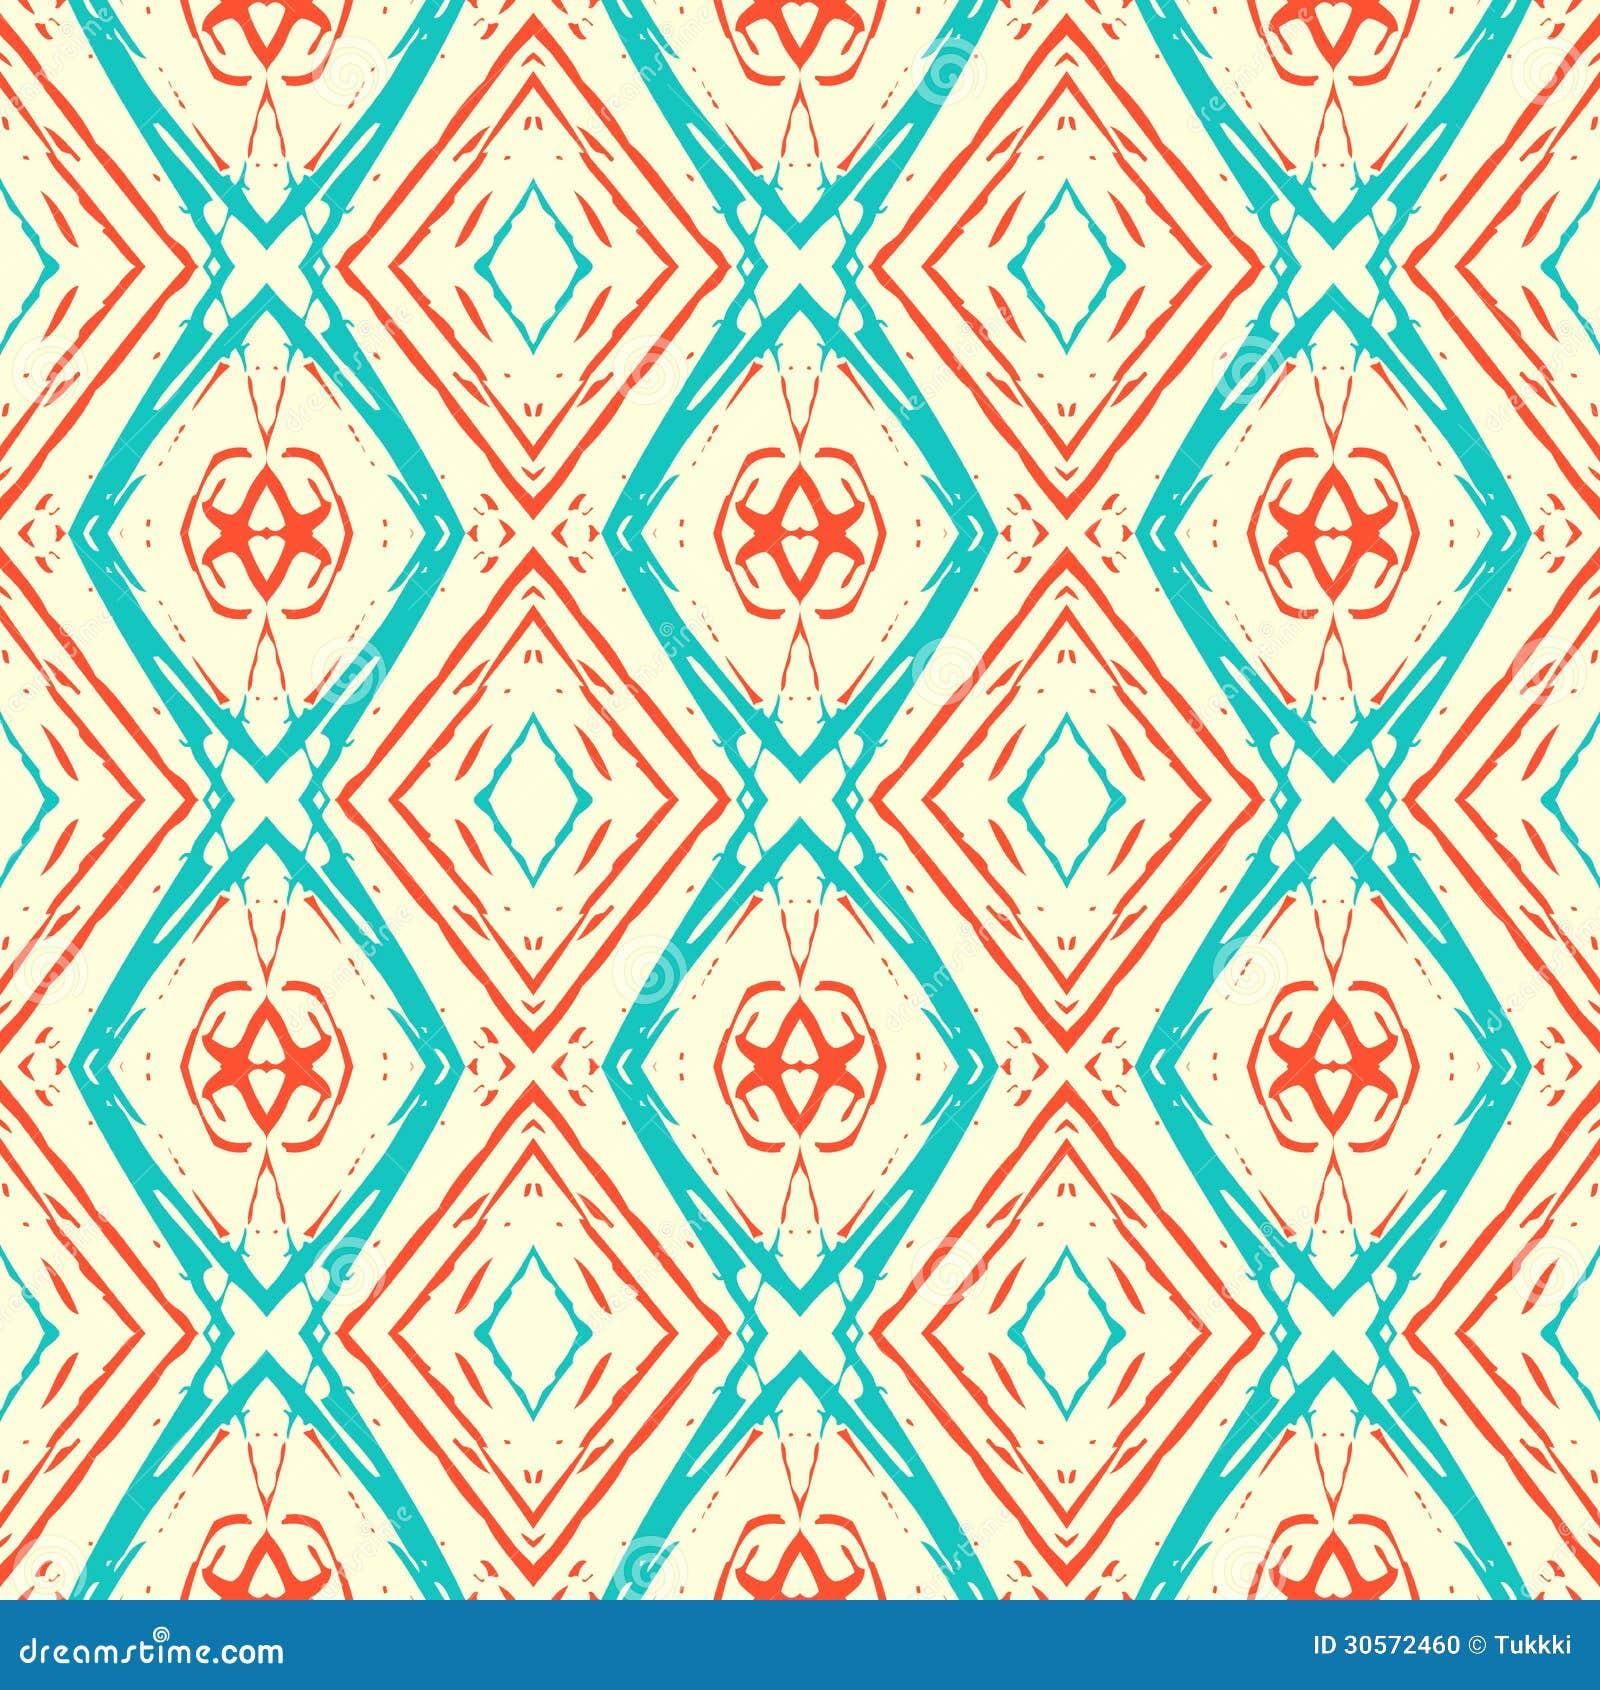 Ikat Pattern Stock Photo - Image: 30572460